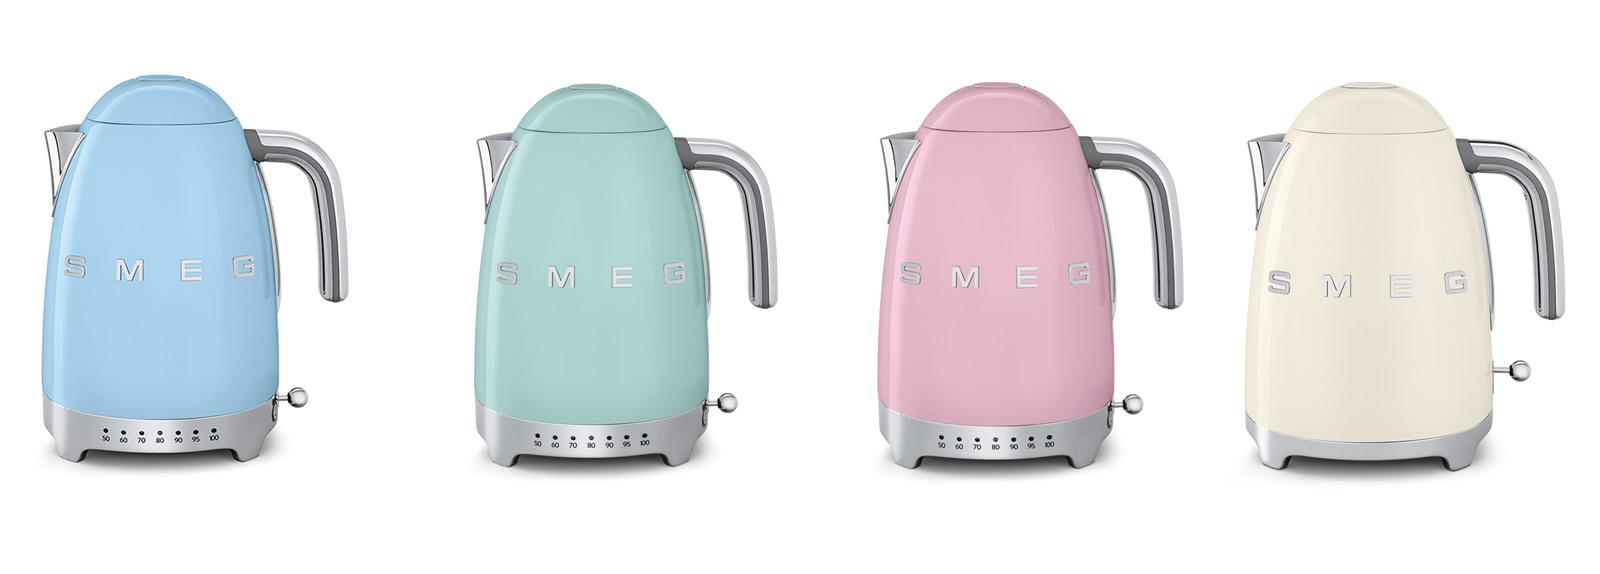 Smeg-50's-Retro-Style-small-home-appliances-2